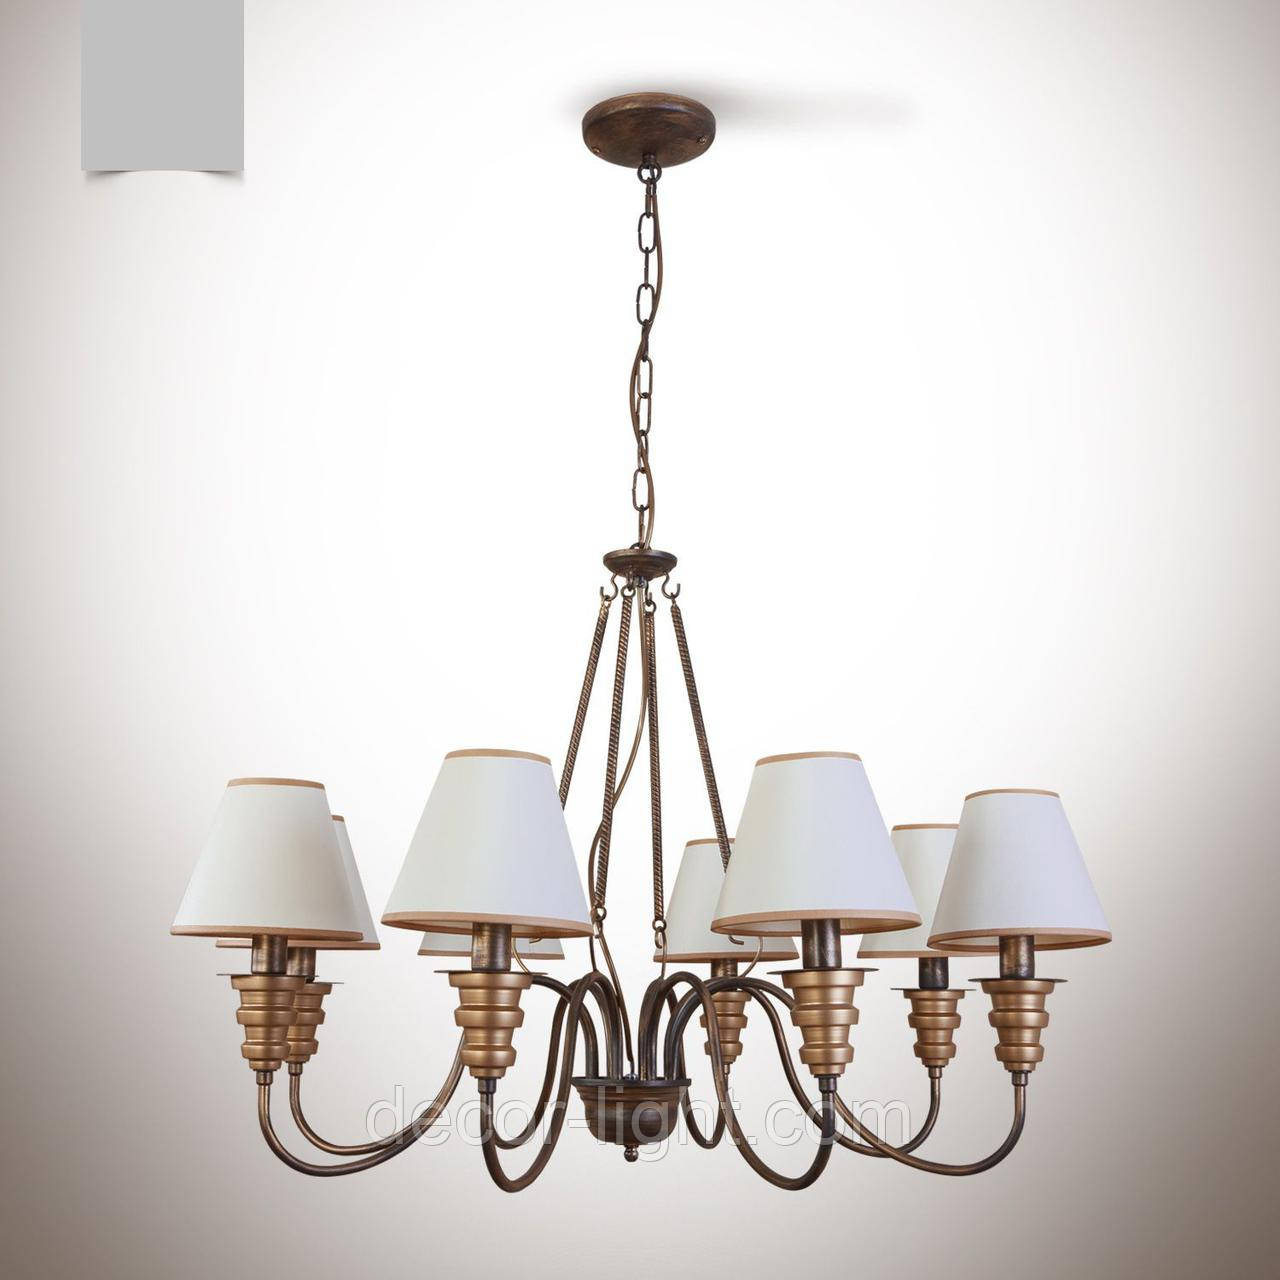 Люстра классическая с абажурами 8-ми ламповая для зала, спальни  12633